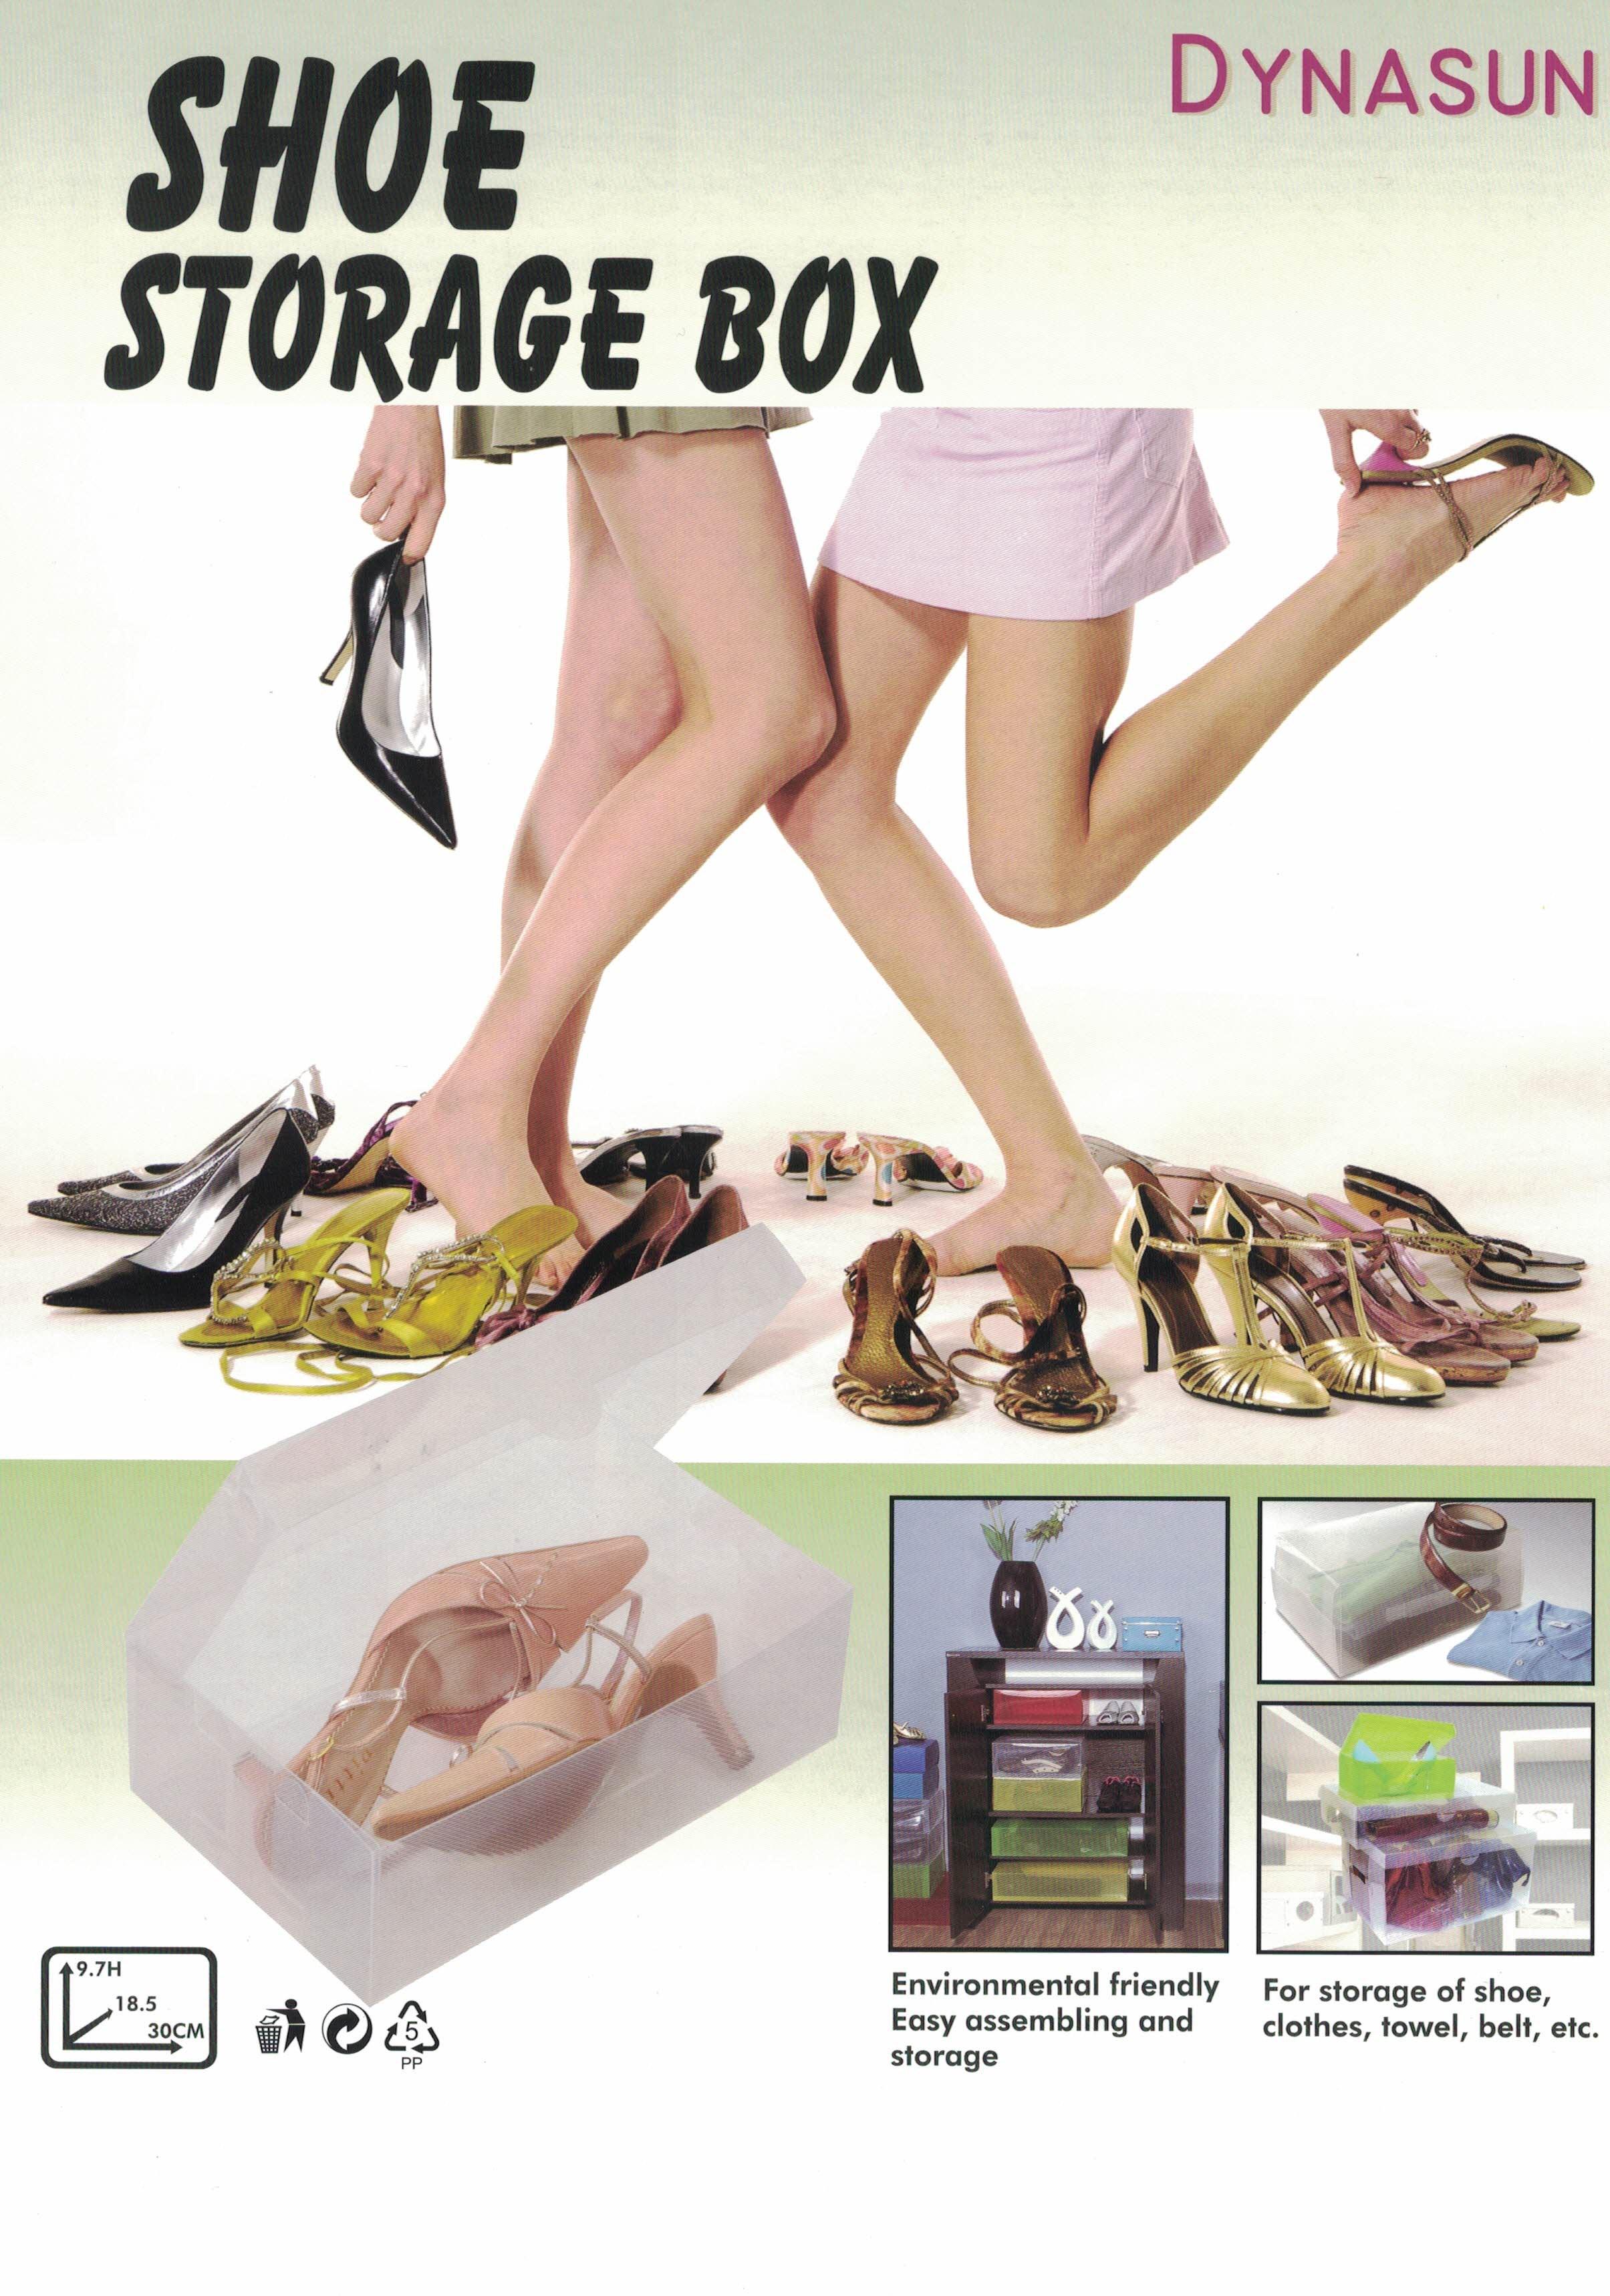 Cajas de almacenaje zapatos dynasun pp437 apilable plegable transparente ebay - Almacenaje zapatos ...